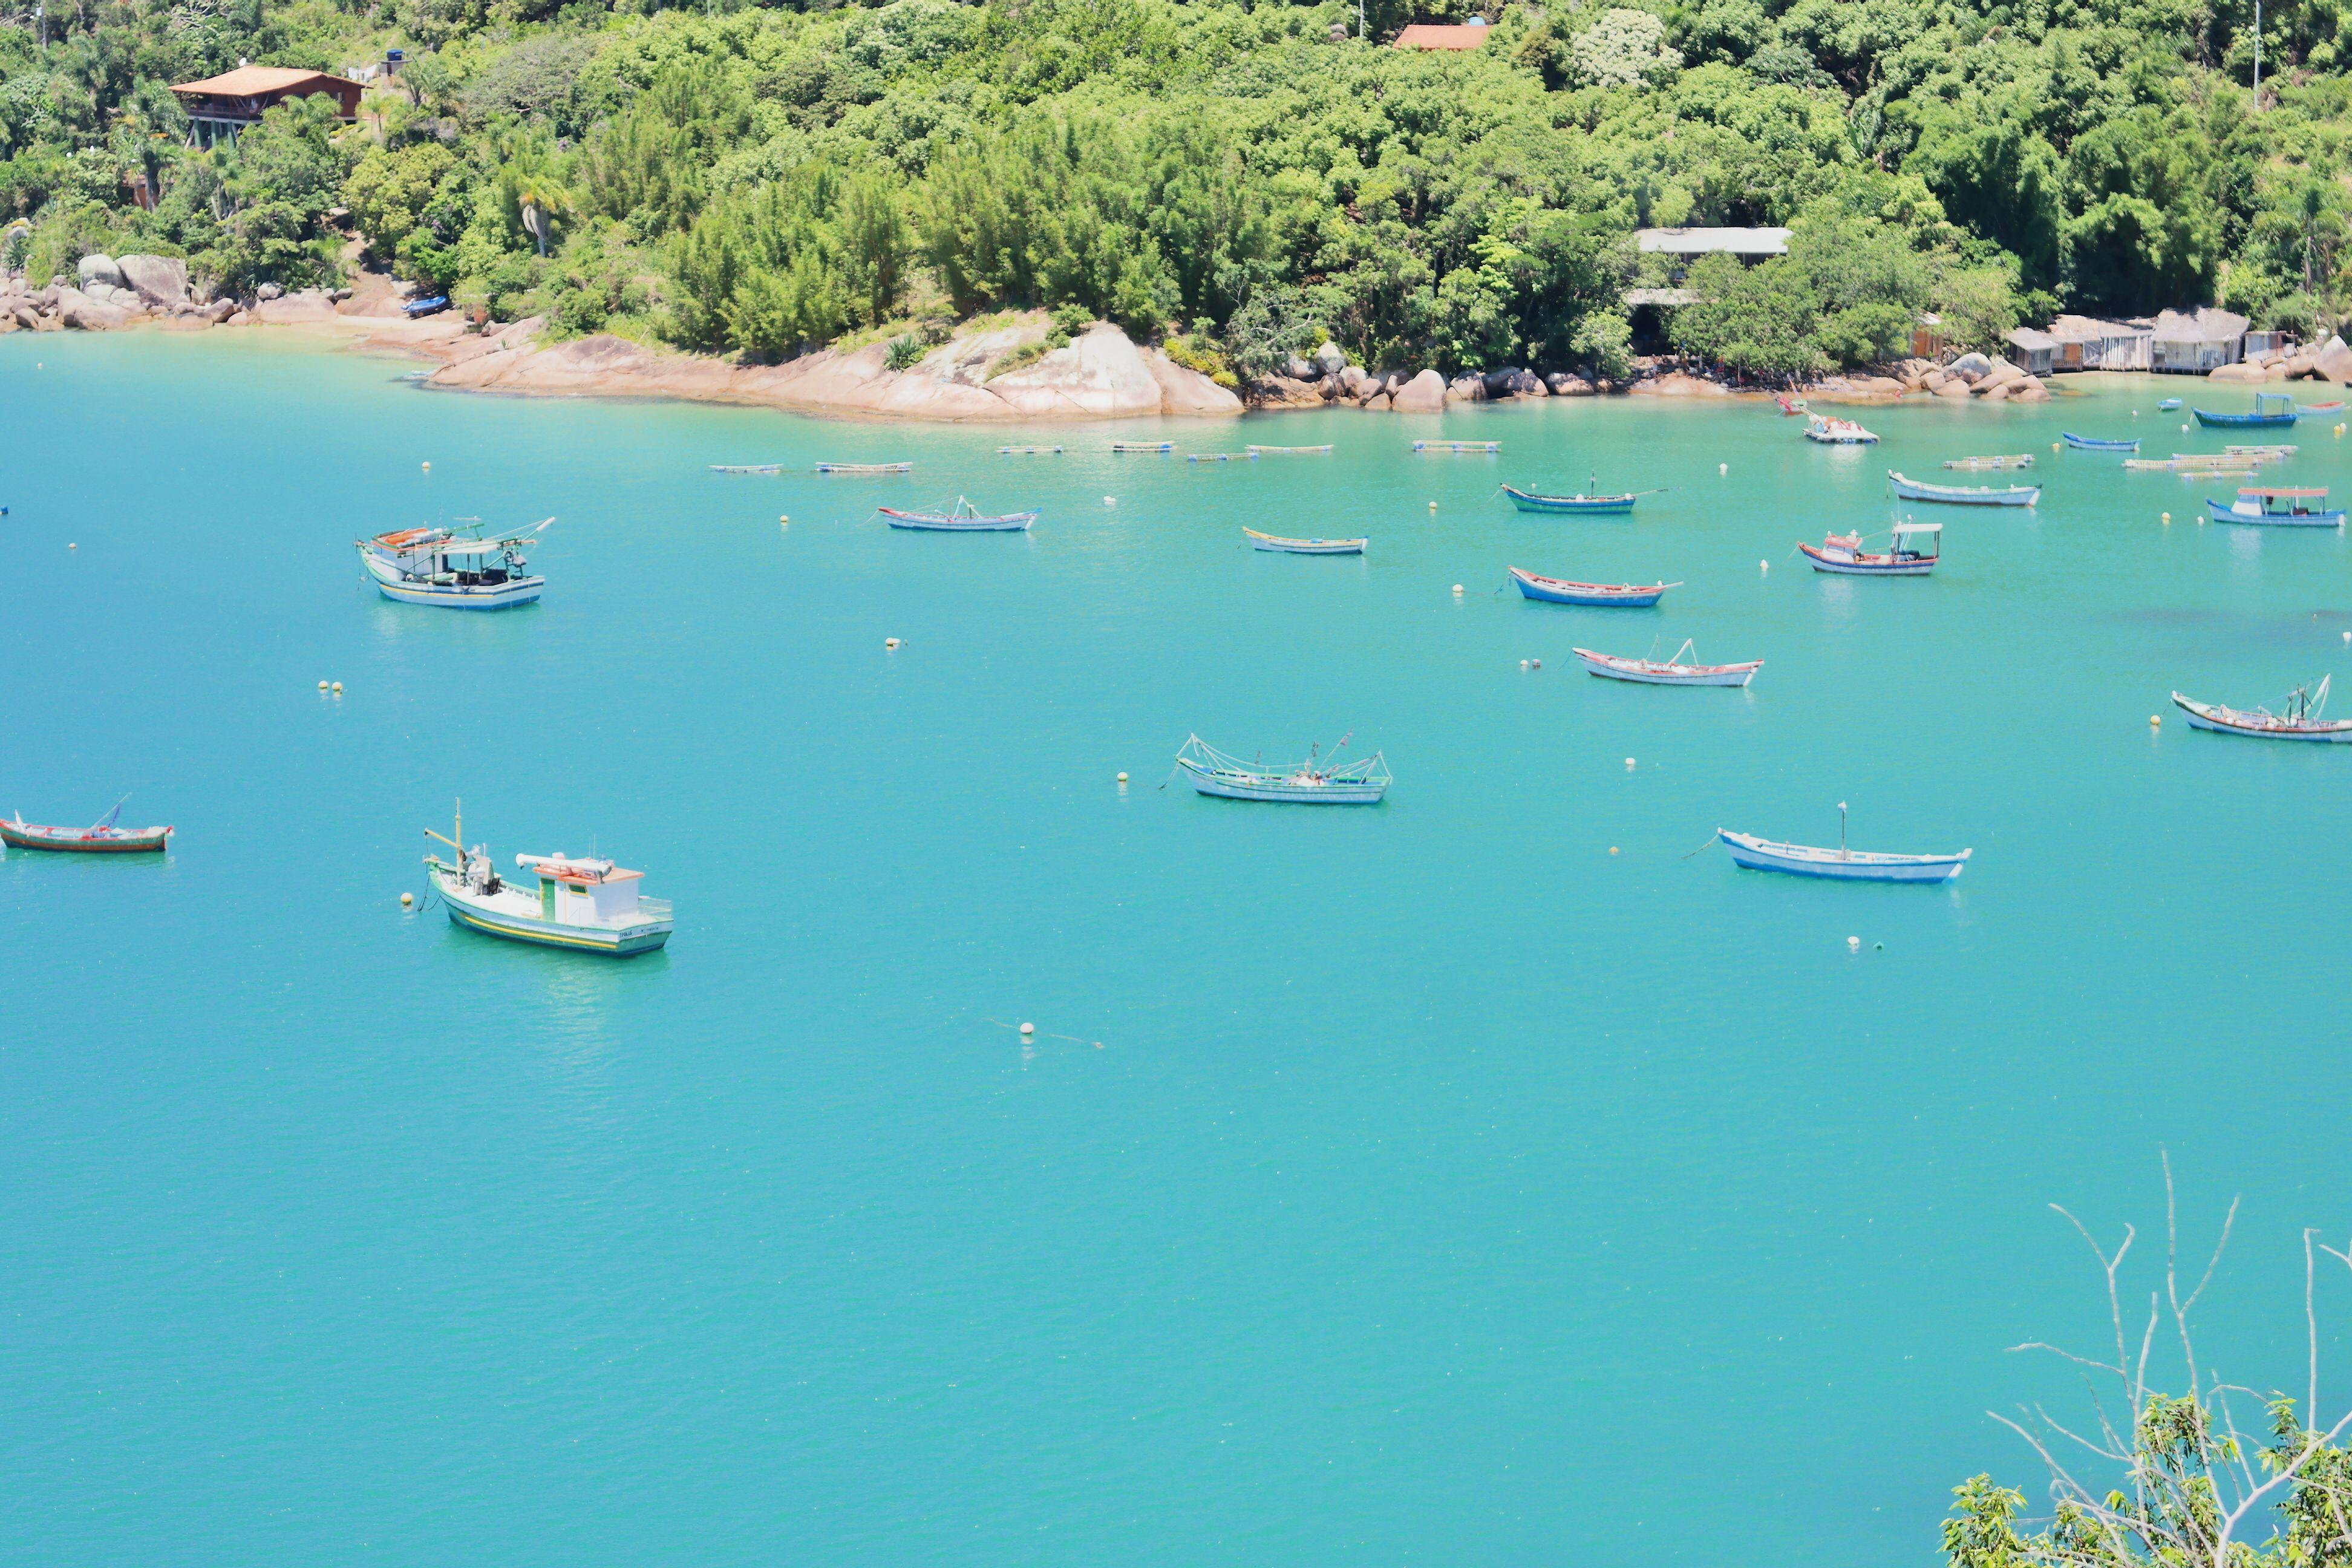 Baia de Ganchos - Ponta dos Ganchos | Santa Catarina